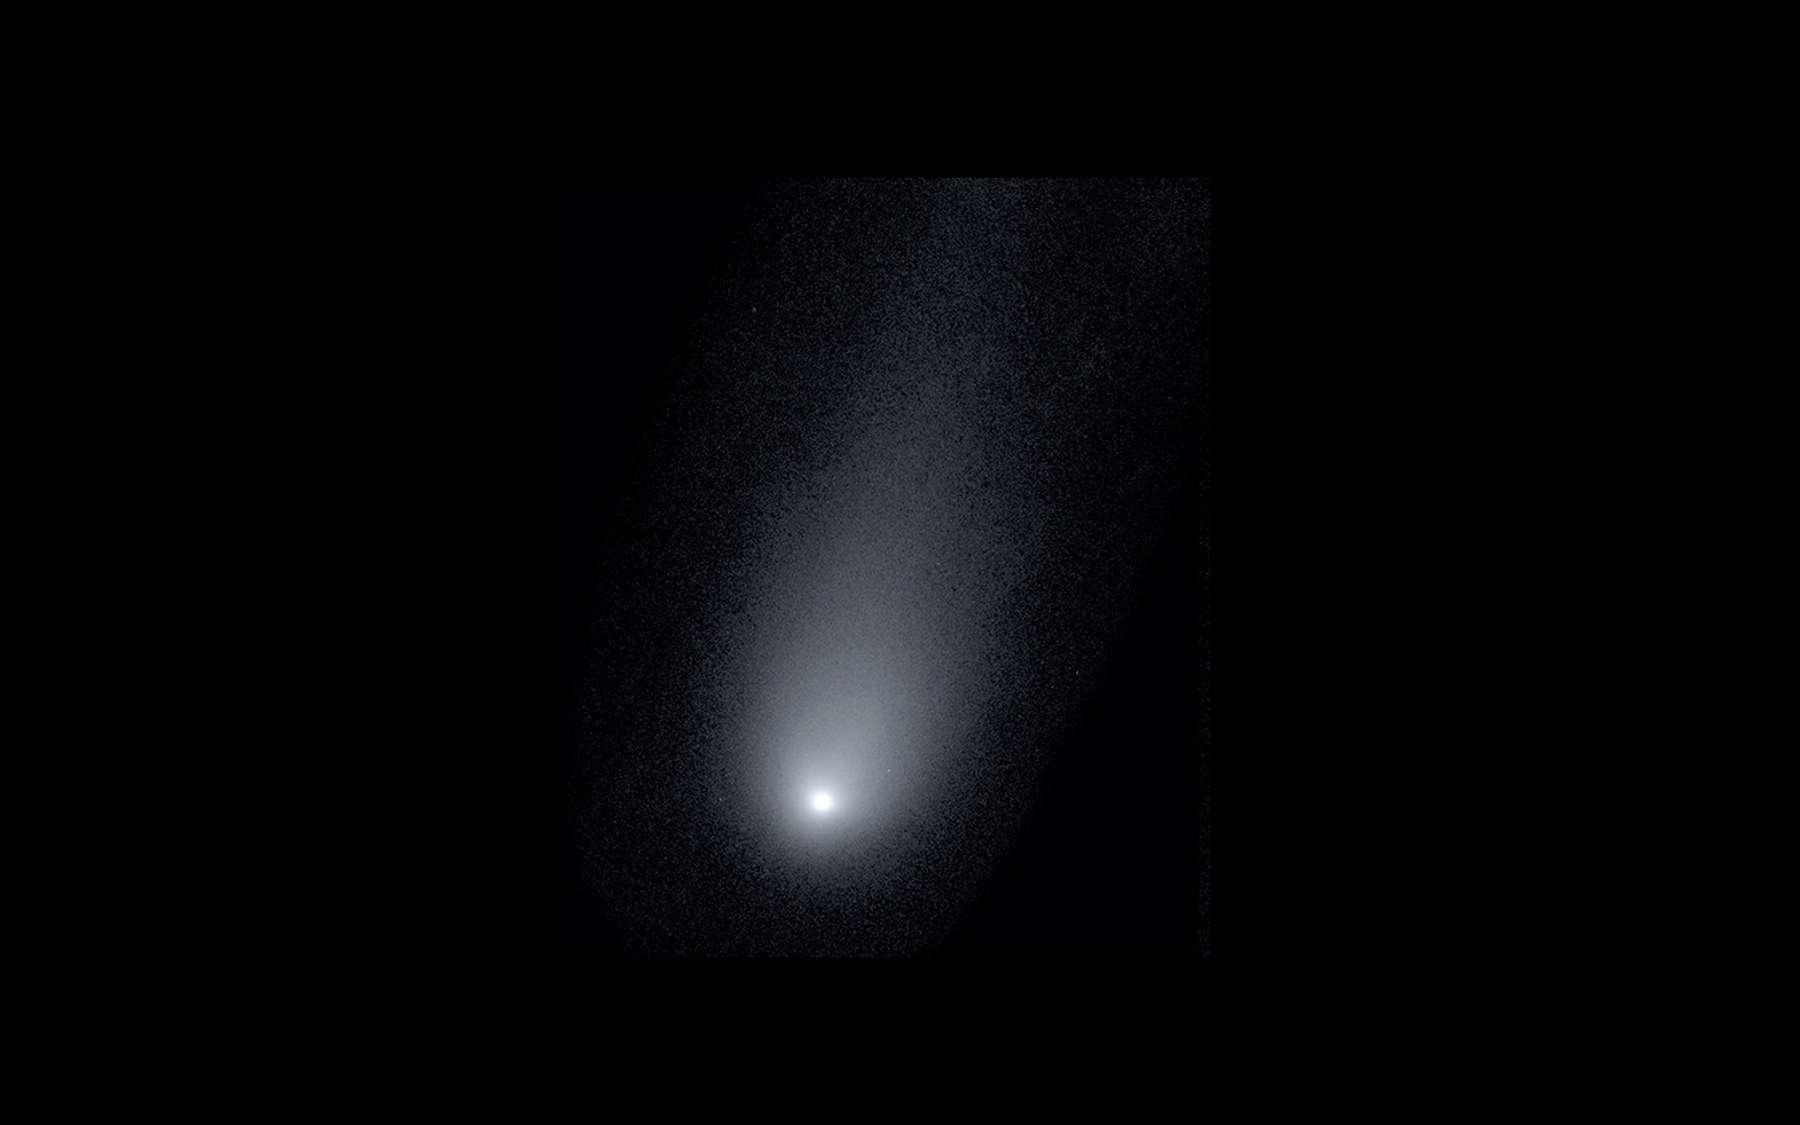 La comète interstellaire 2I/Borisov photographiée le 24 novembre 2019 à l'observatoire Keck à Hawaï. © Pieter van Dokkum, Cheng-Han Hsieh, Shany Danieli, Gregory Laughlin, Yale University